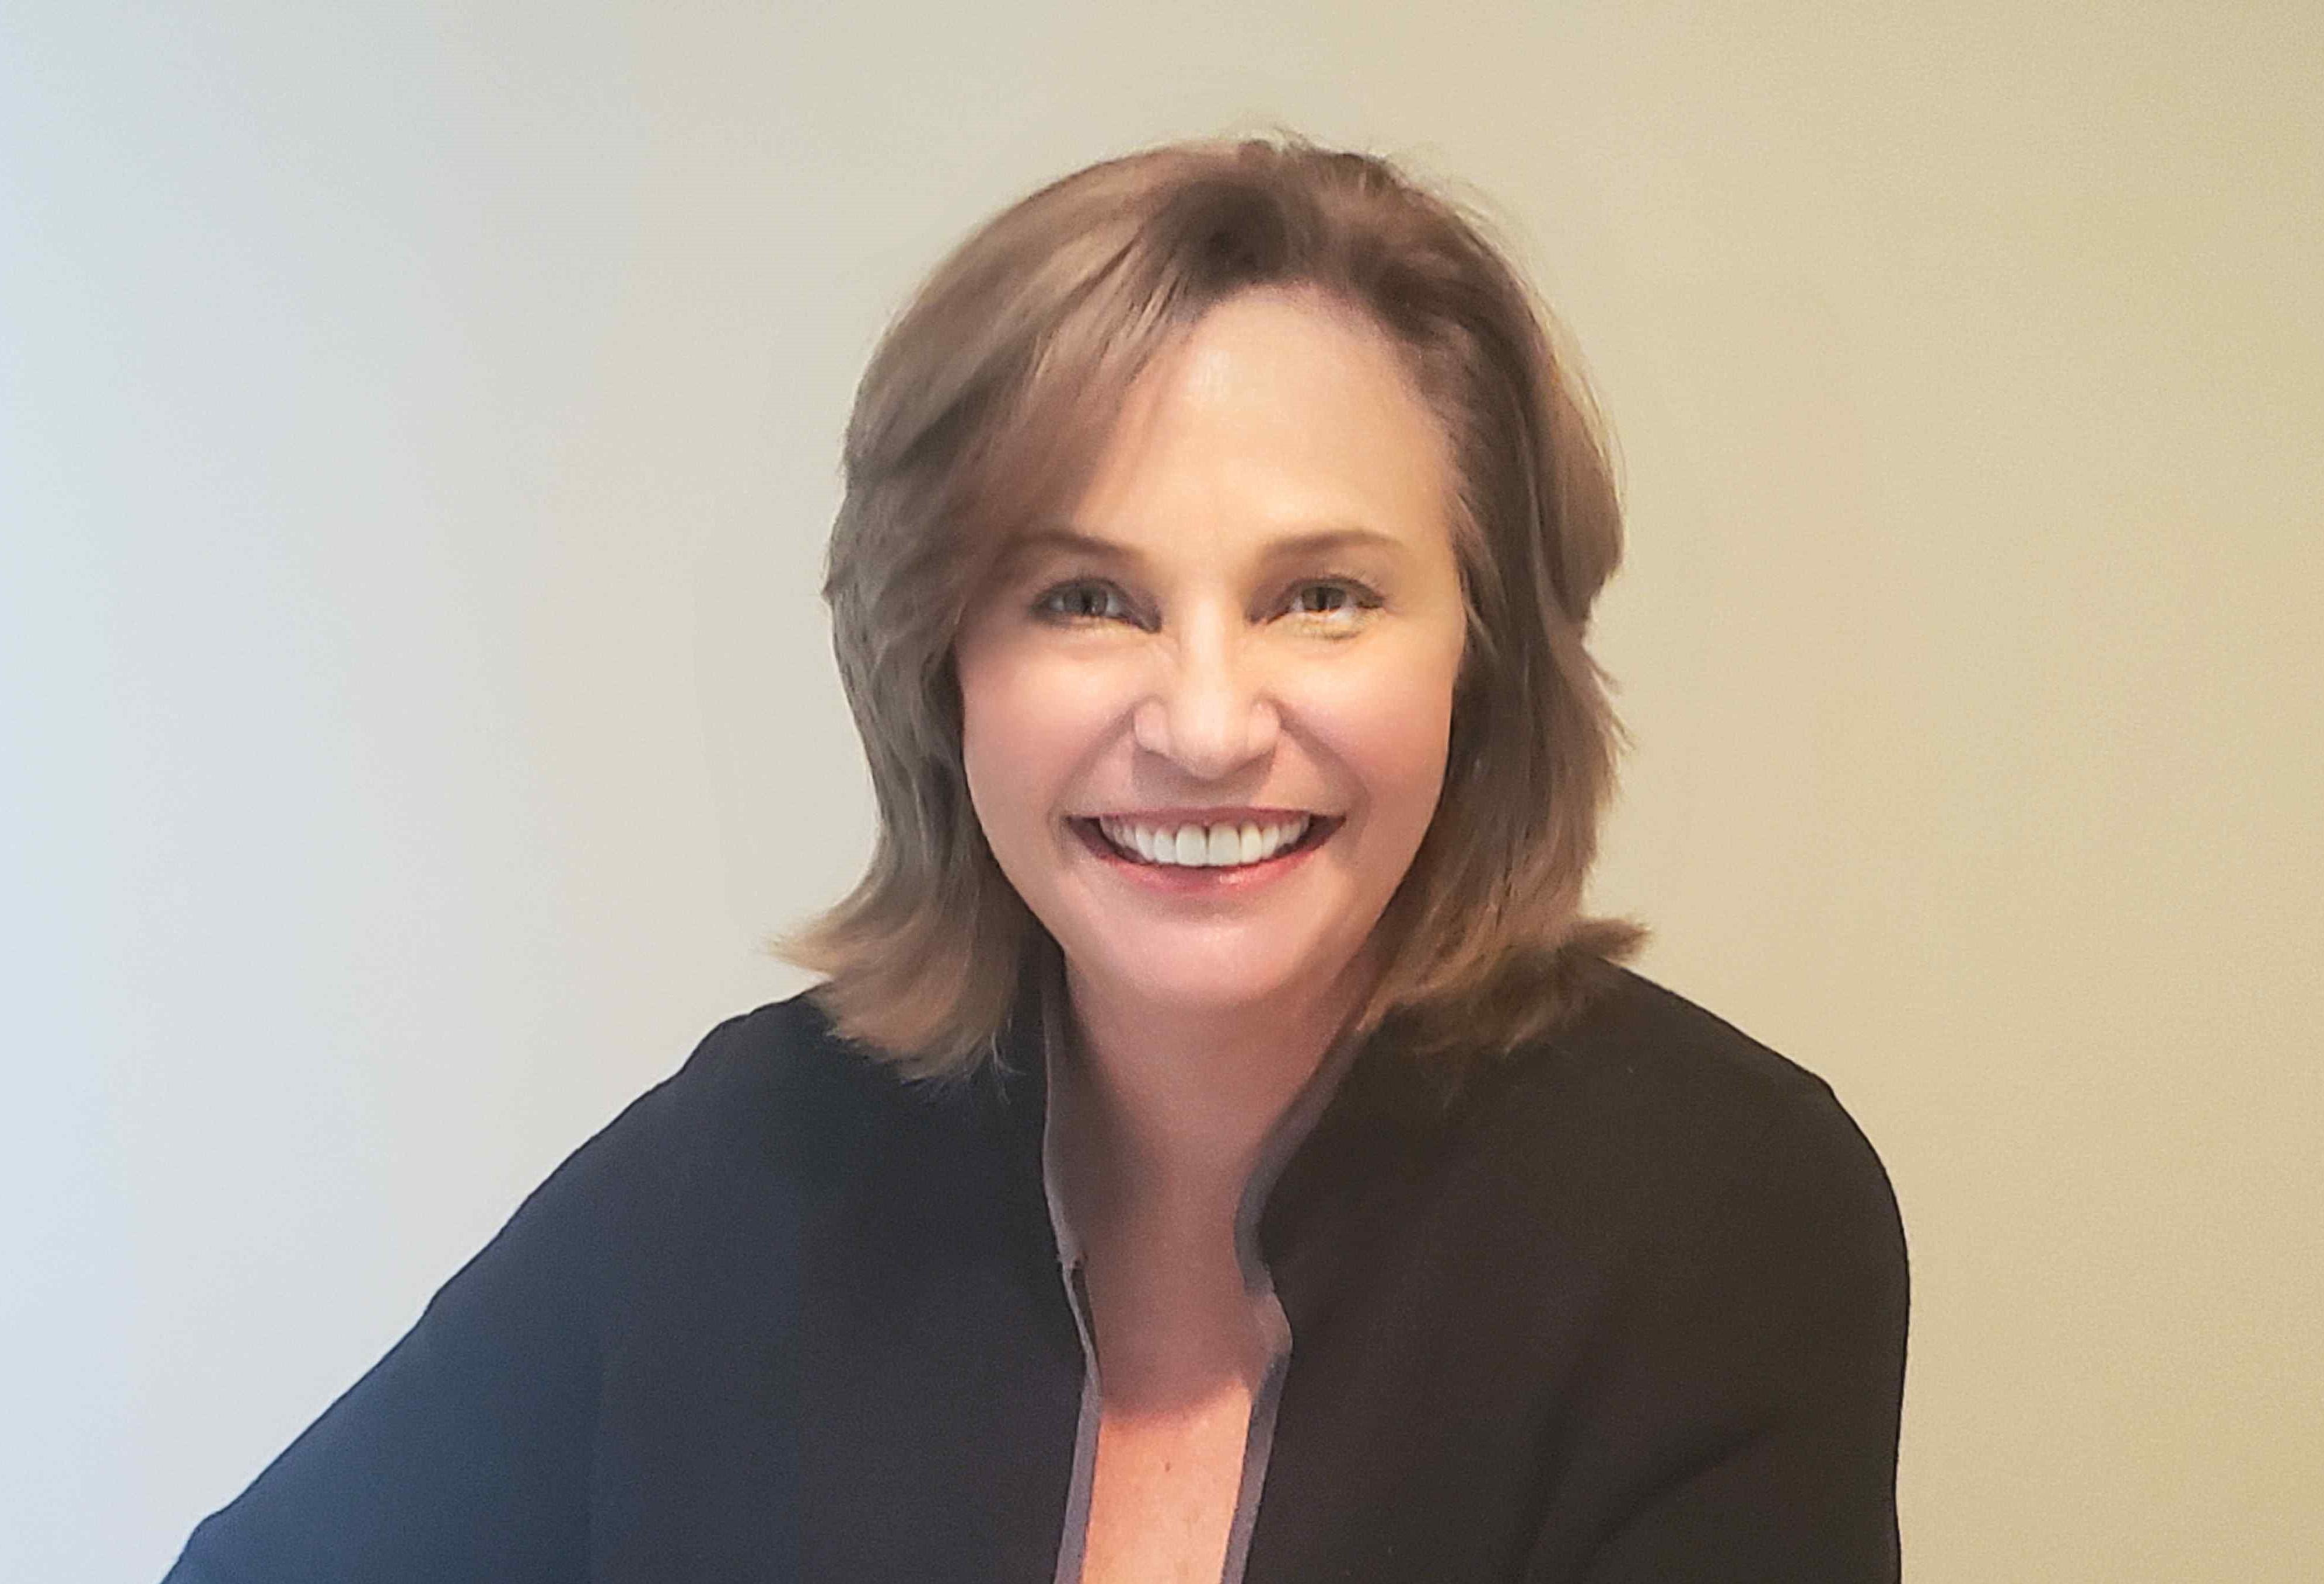 Becky Loker